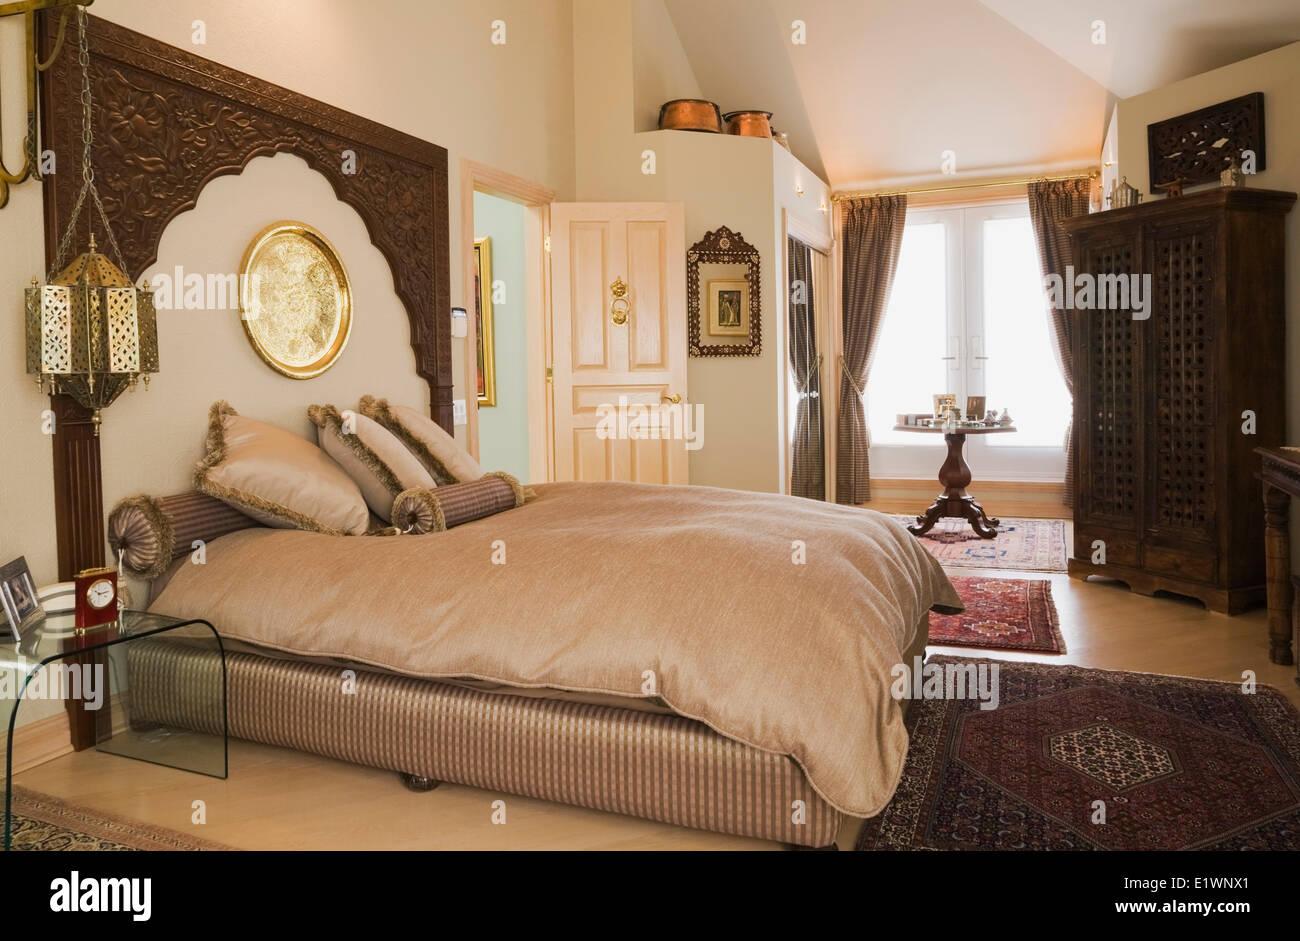 Queen Size Bett Im Marokkanischen Stil Dekoriert Master Schlafzimmer In Ein  Wohn